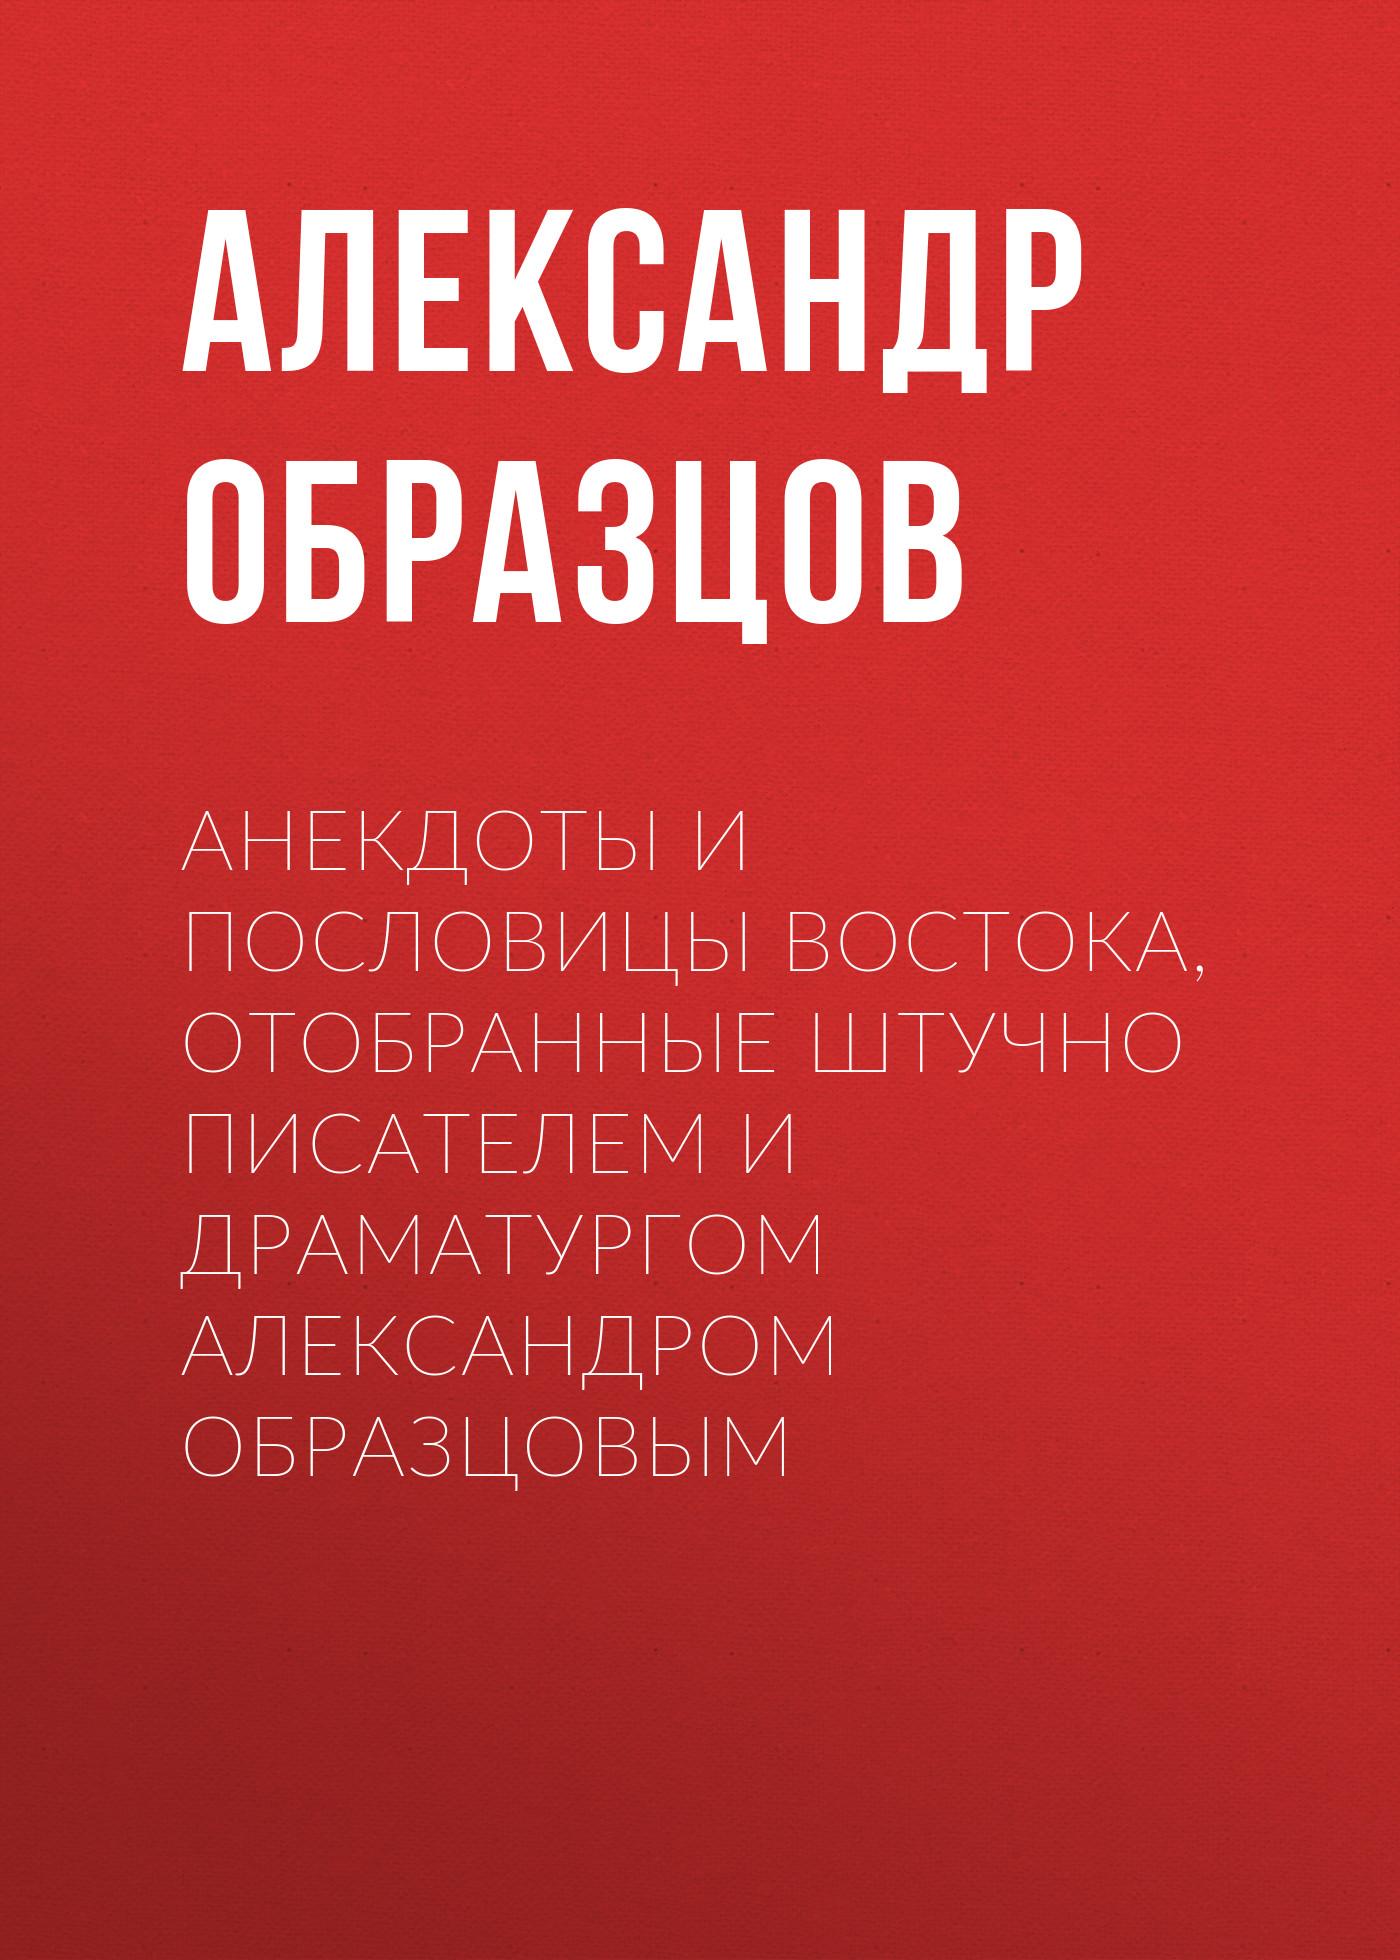 Анекдоты и пословицы Востока, отобранные штучно писателем и драматургом Александром Образцовым